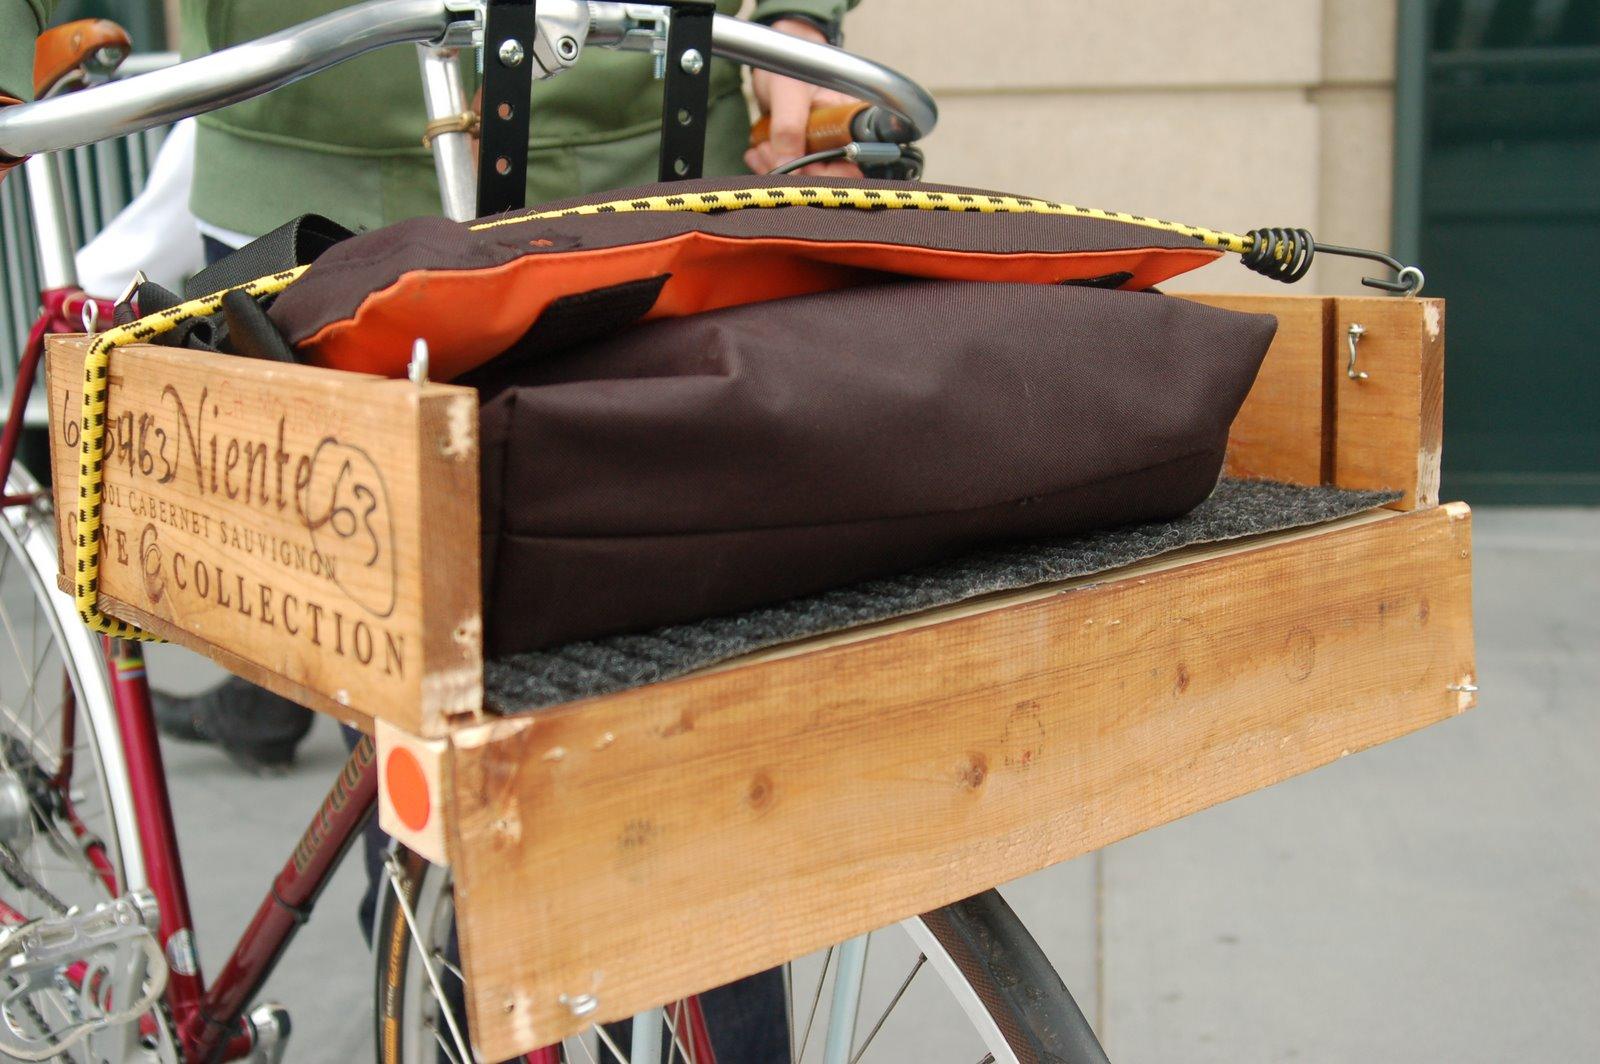 cabernet sauvignon bike crate